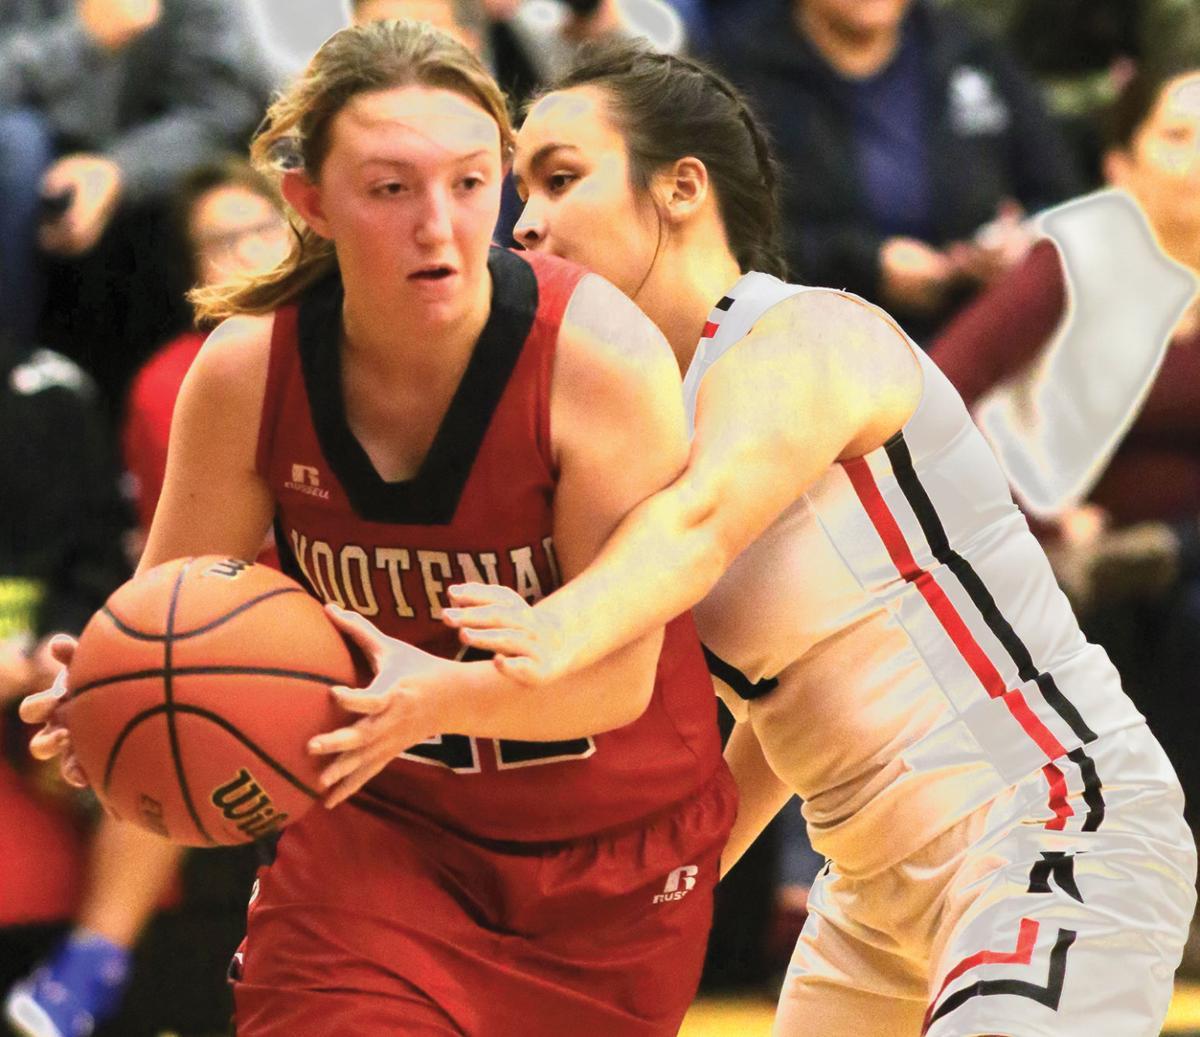 KHS vs. LHS Basketball